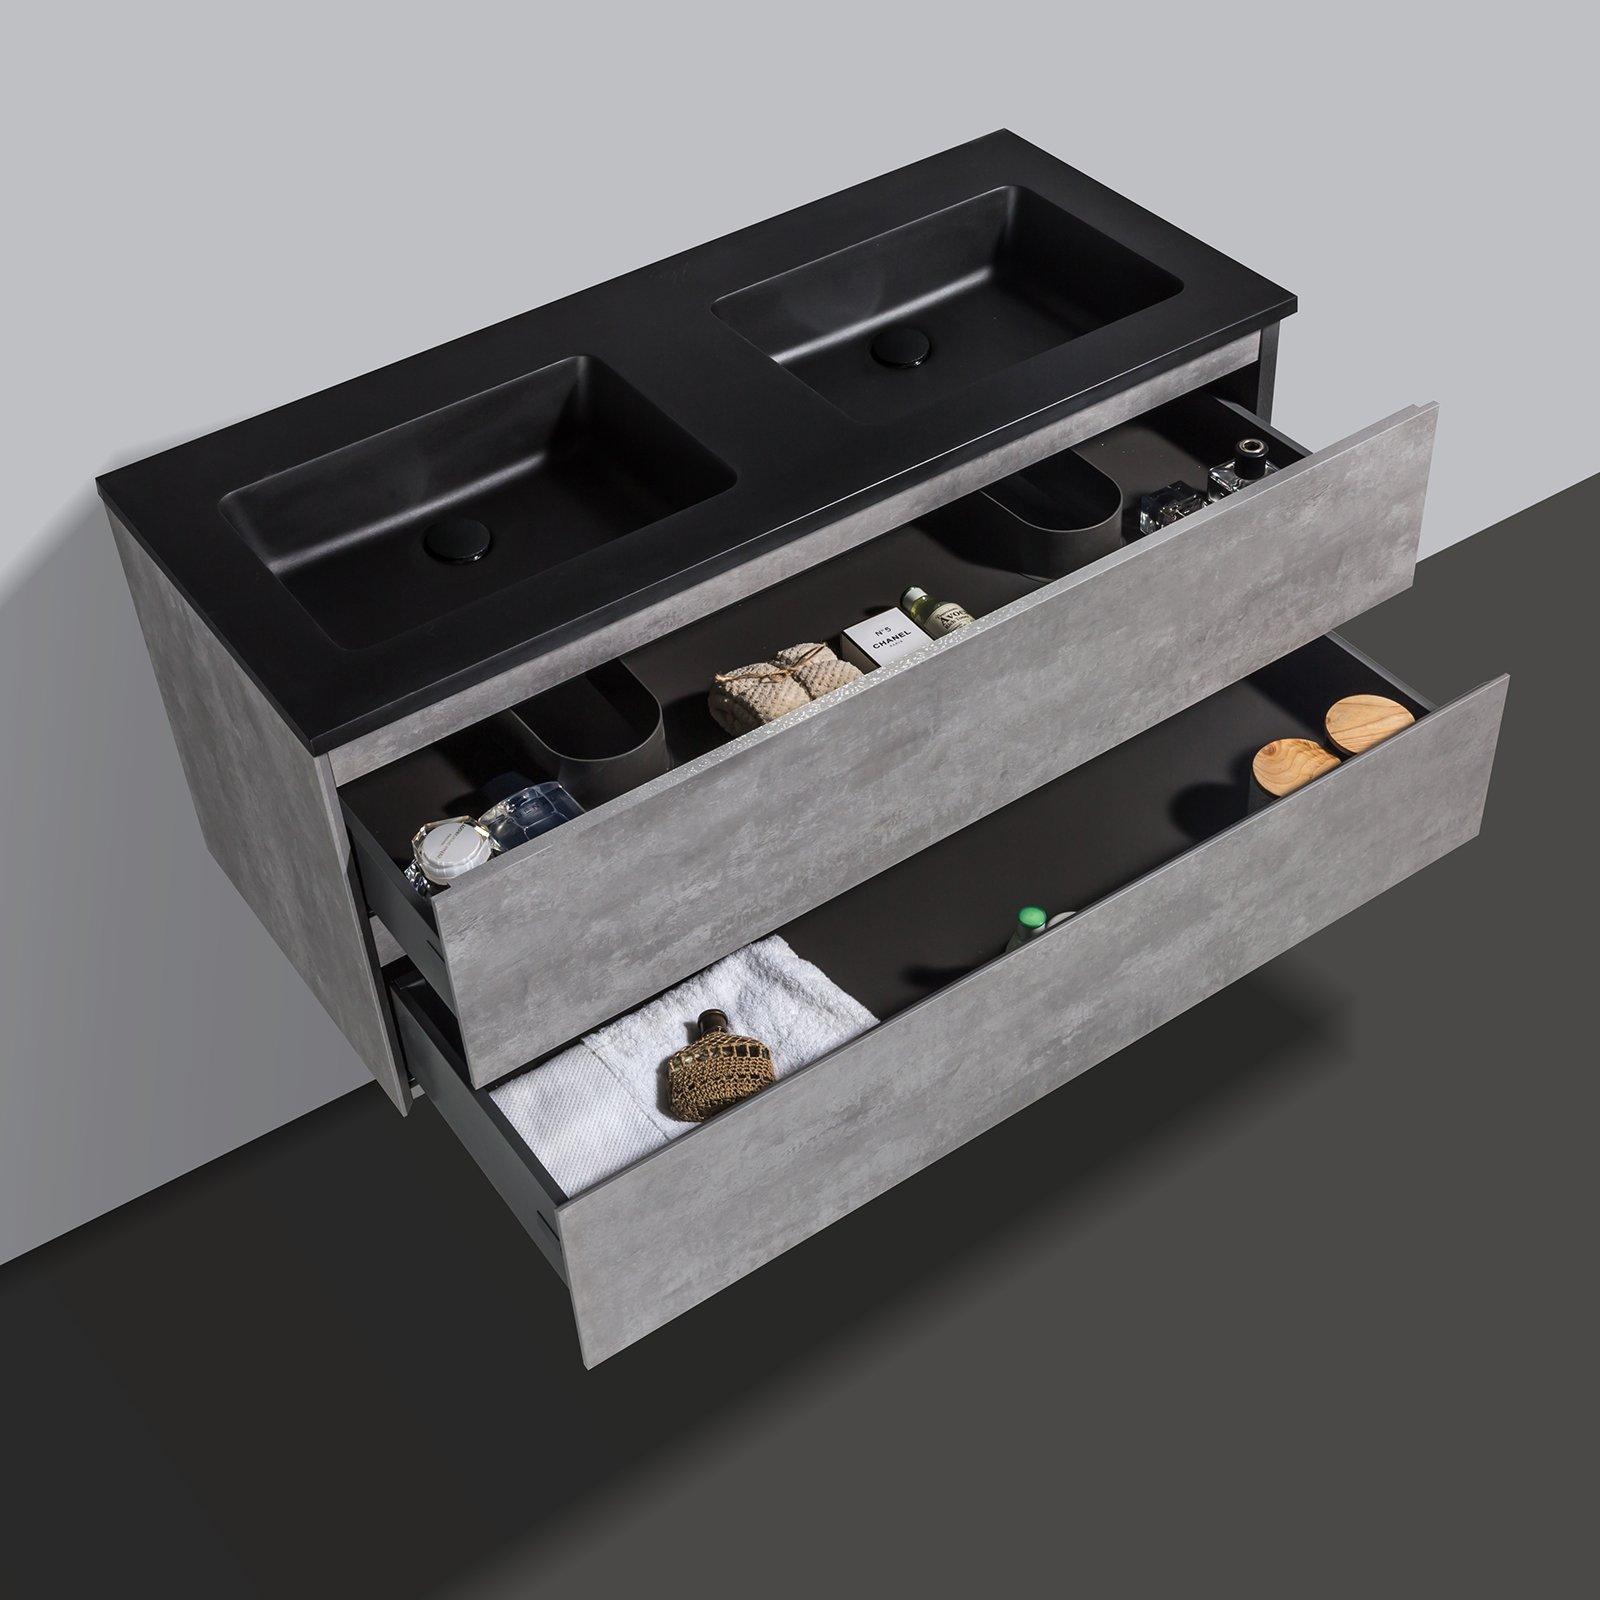 Badmöbel-Set EDGE 1200 - Farbe wählbar - Spiegel & Seitenschrank optional